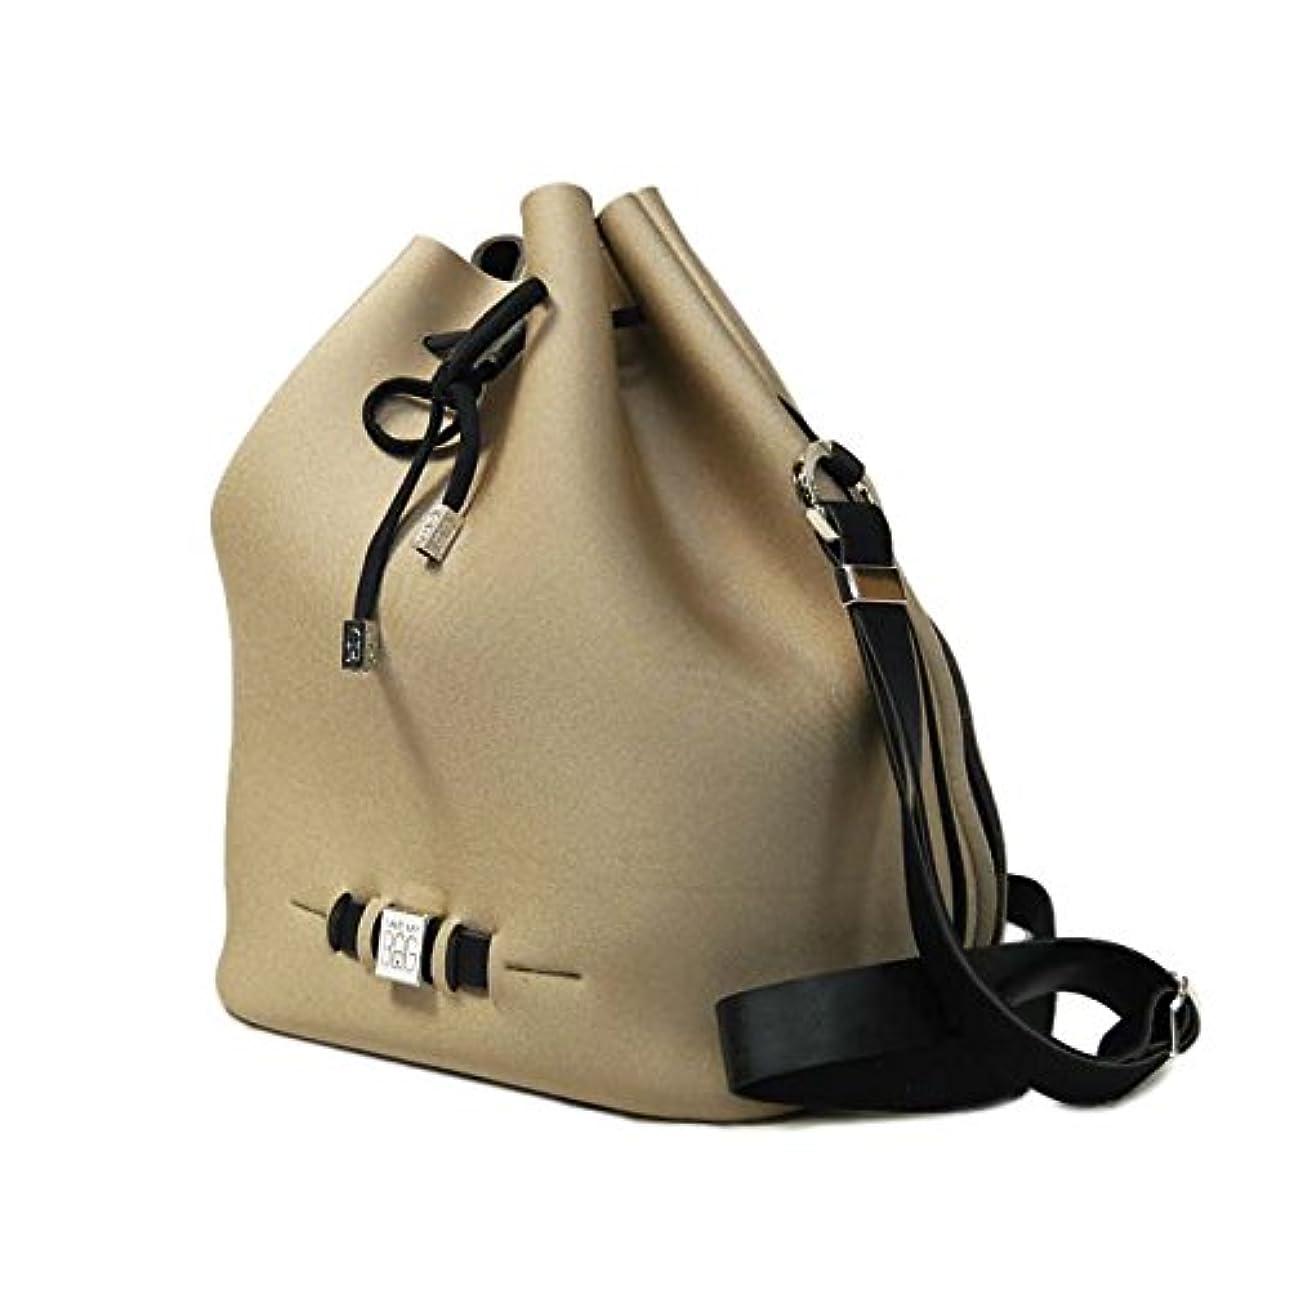 ホバー海軍劣る[SAVE MY BAG(セーブマイバッグ)] ショルダーバッグ BUBBLE METALLICS 10250N メタリックカプチーノ [並行輸入品]